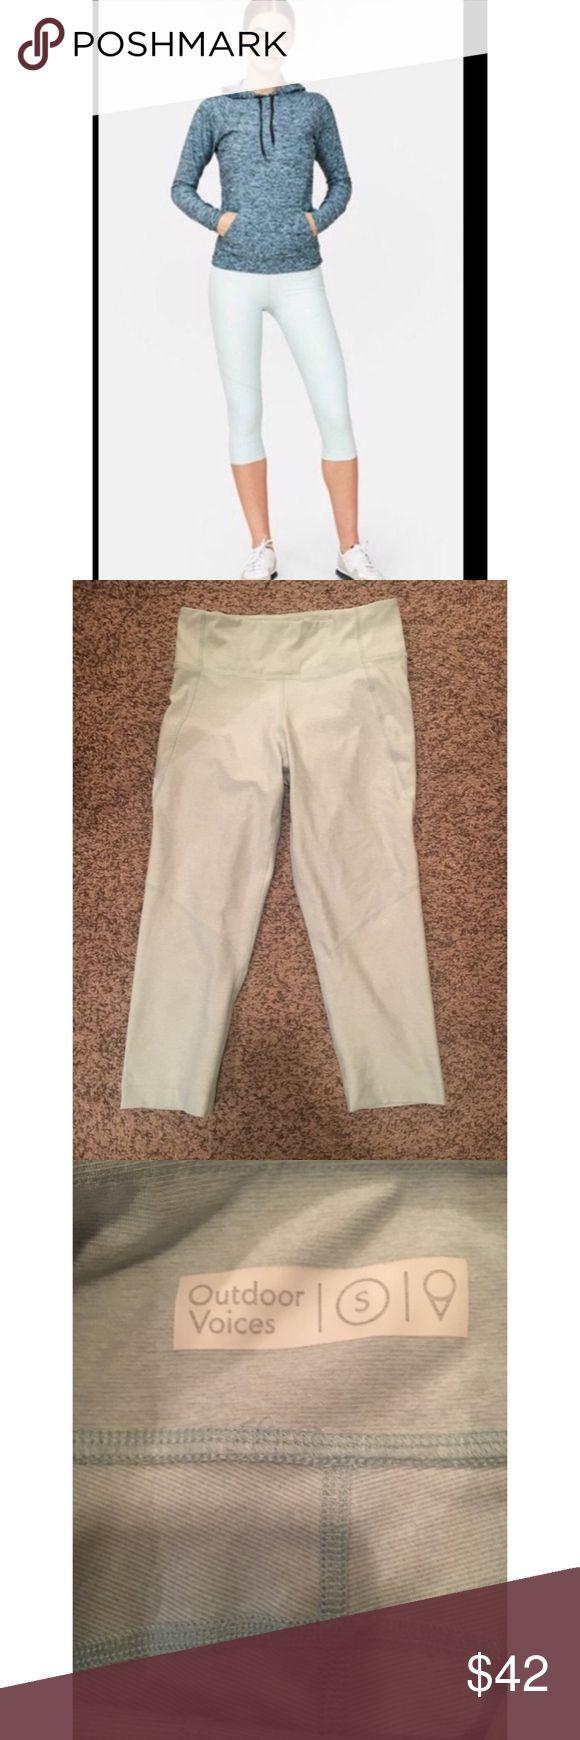 Outdoor Voices Kneecap Legging in Mint Outdoor Voices kneecap legging.  Color is mint Outdoor Voices Pants Capris